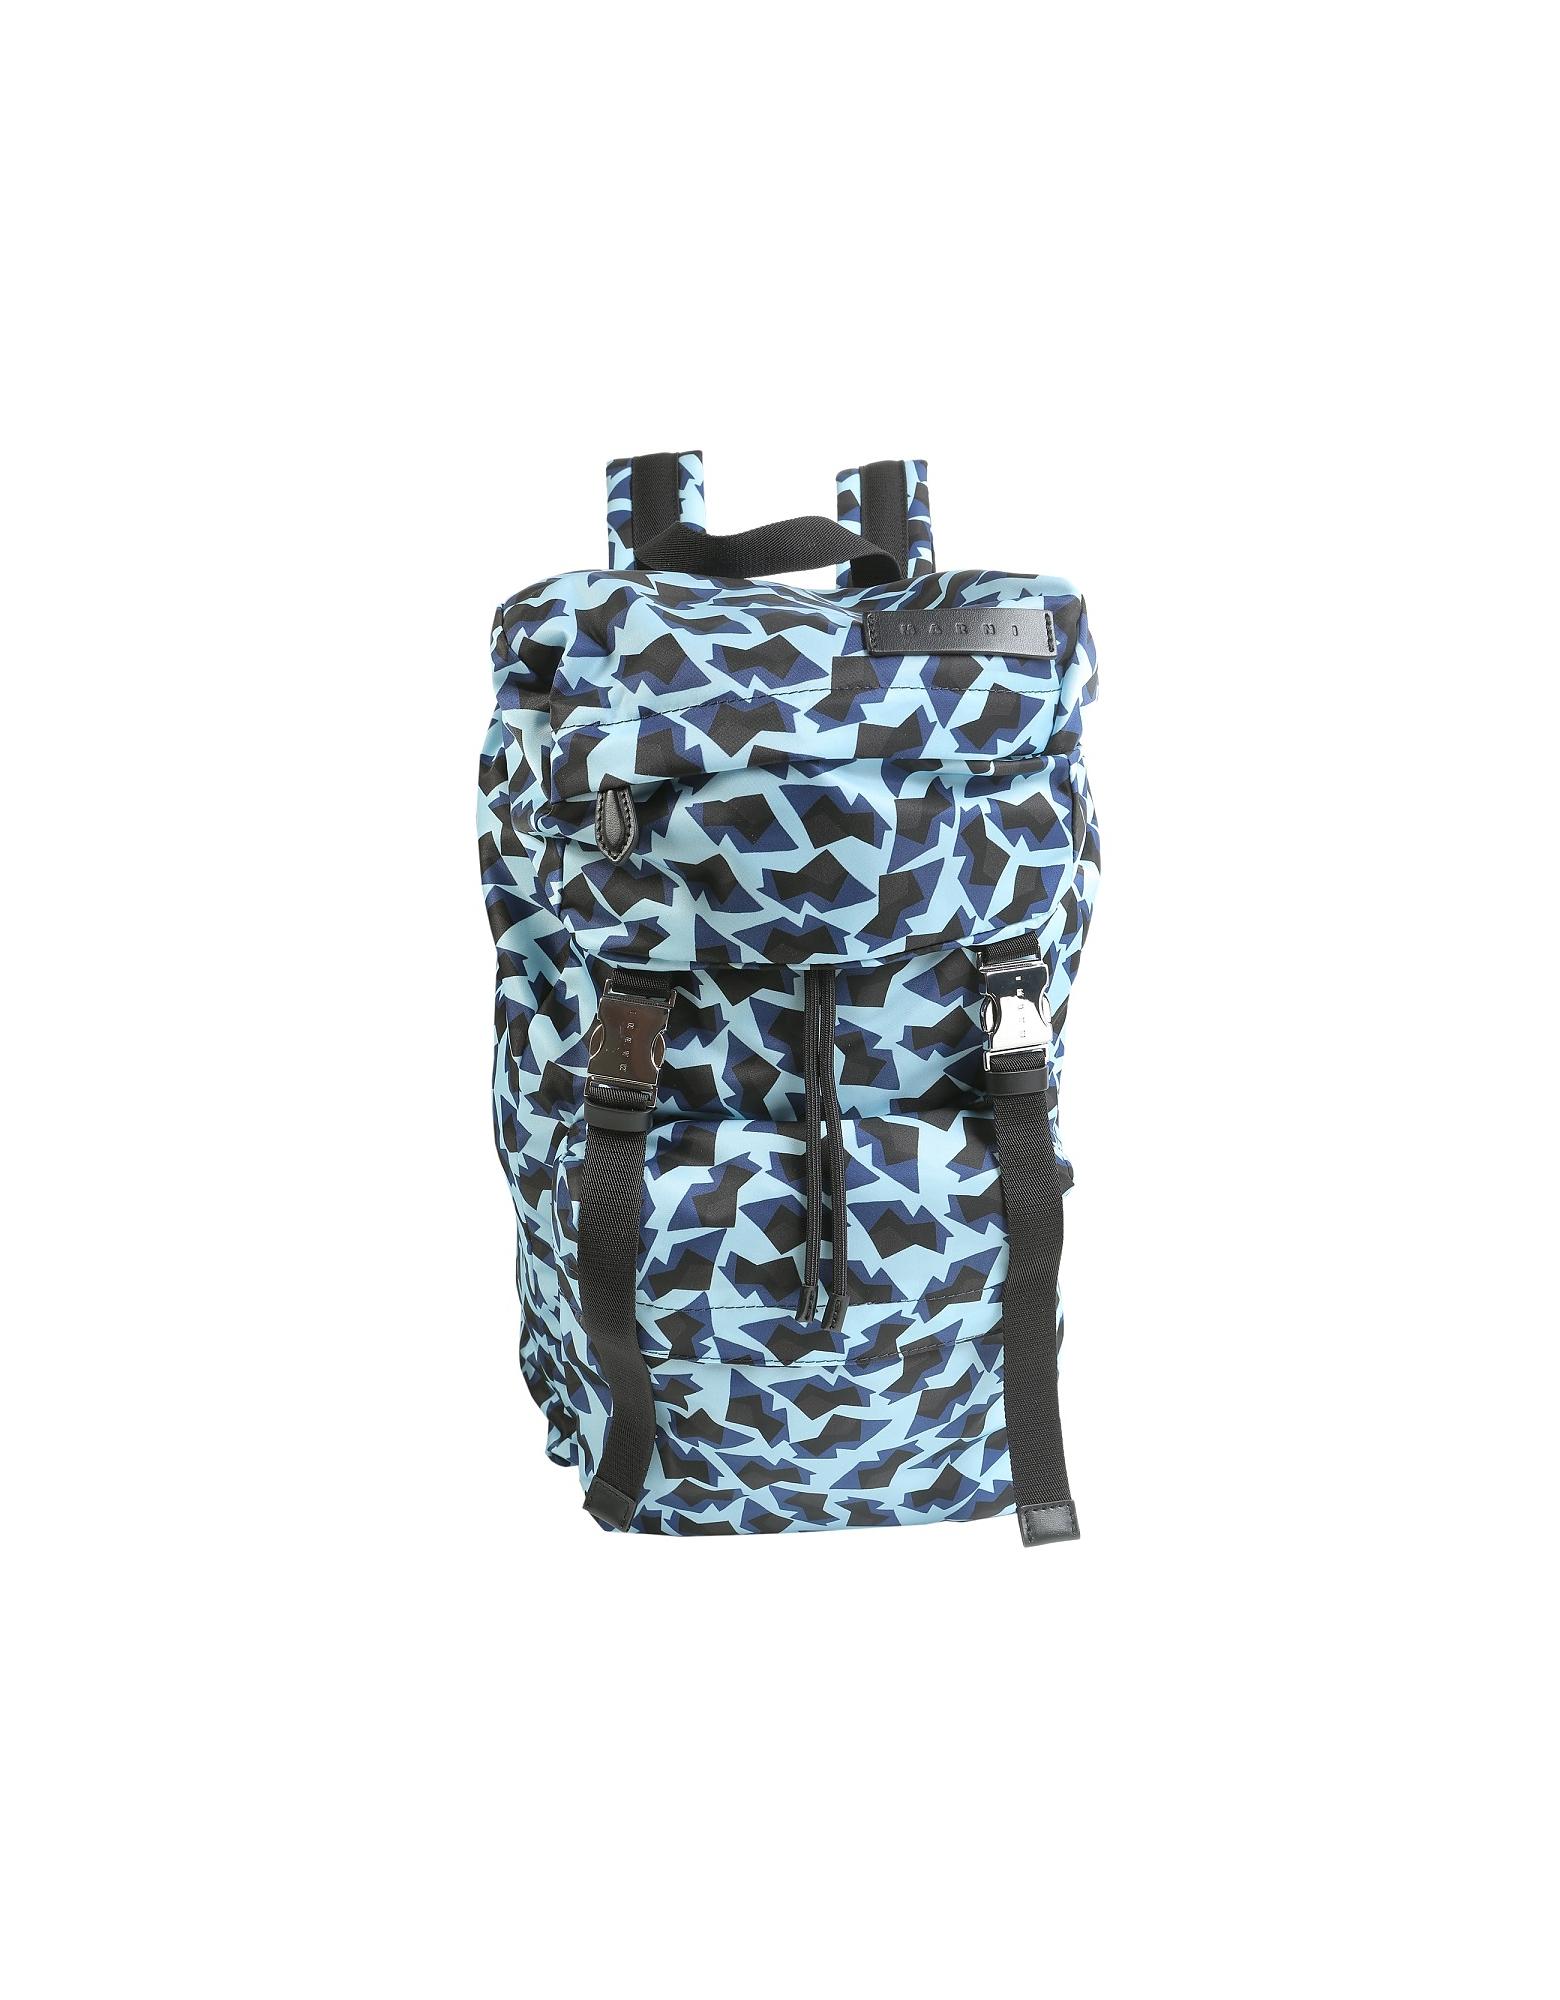 Marni Designer Men's Bags, Geometric Printed Backpack